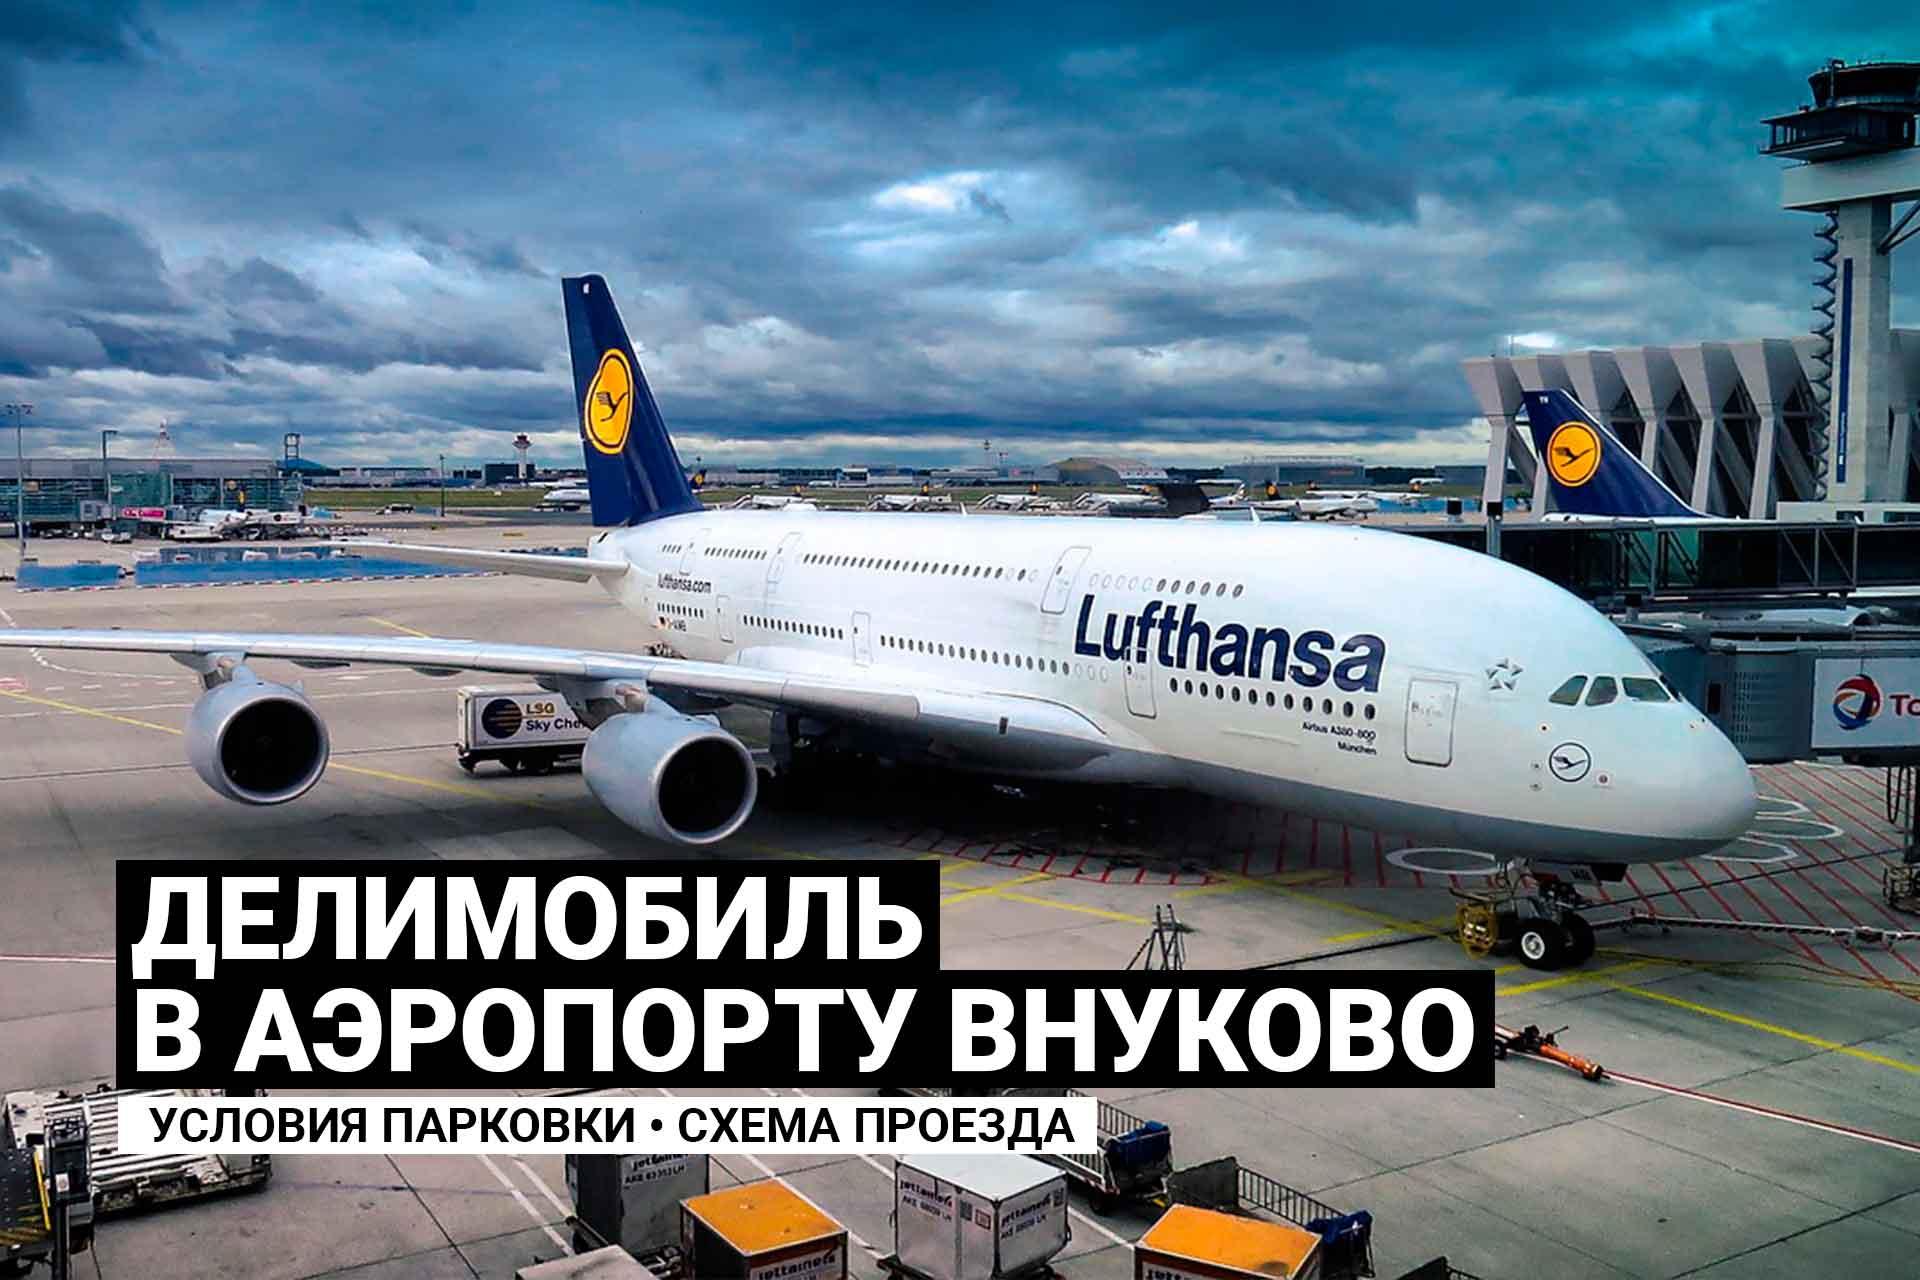 Делимобиль в аэропорту Внуково